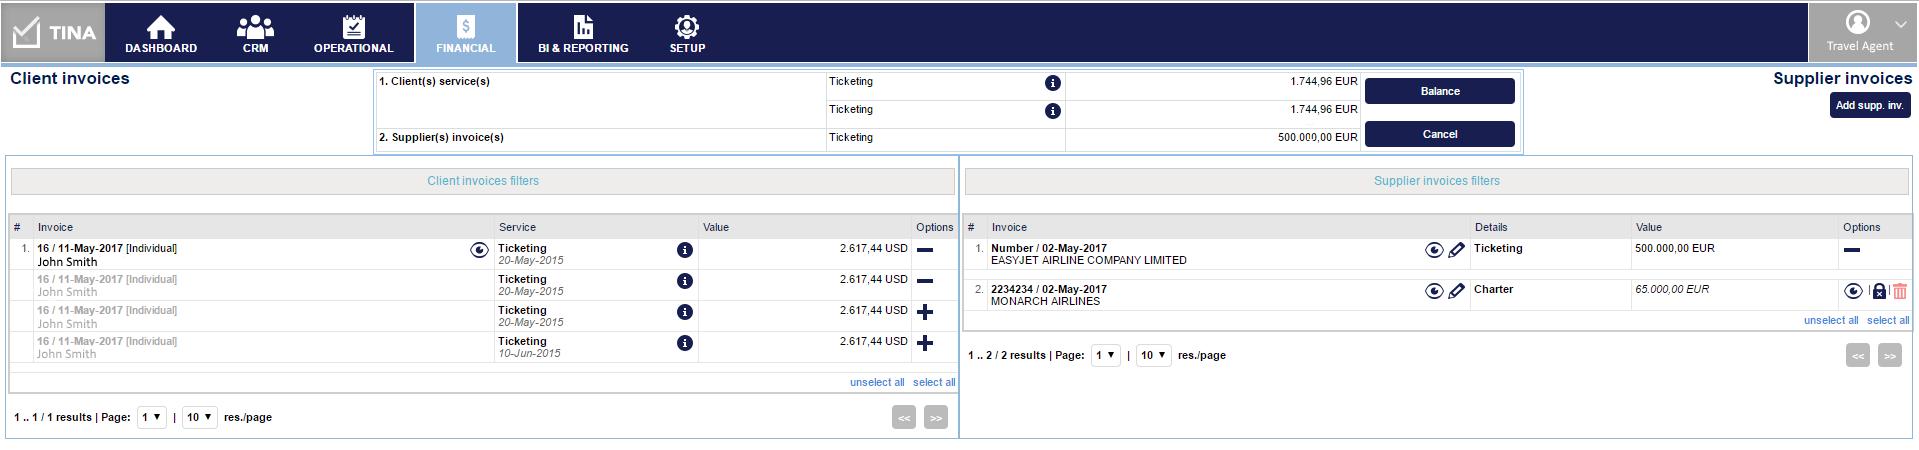 invoice-manual-balancing.png